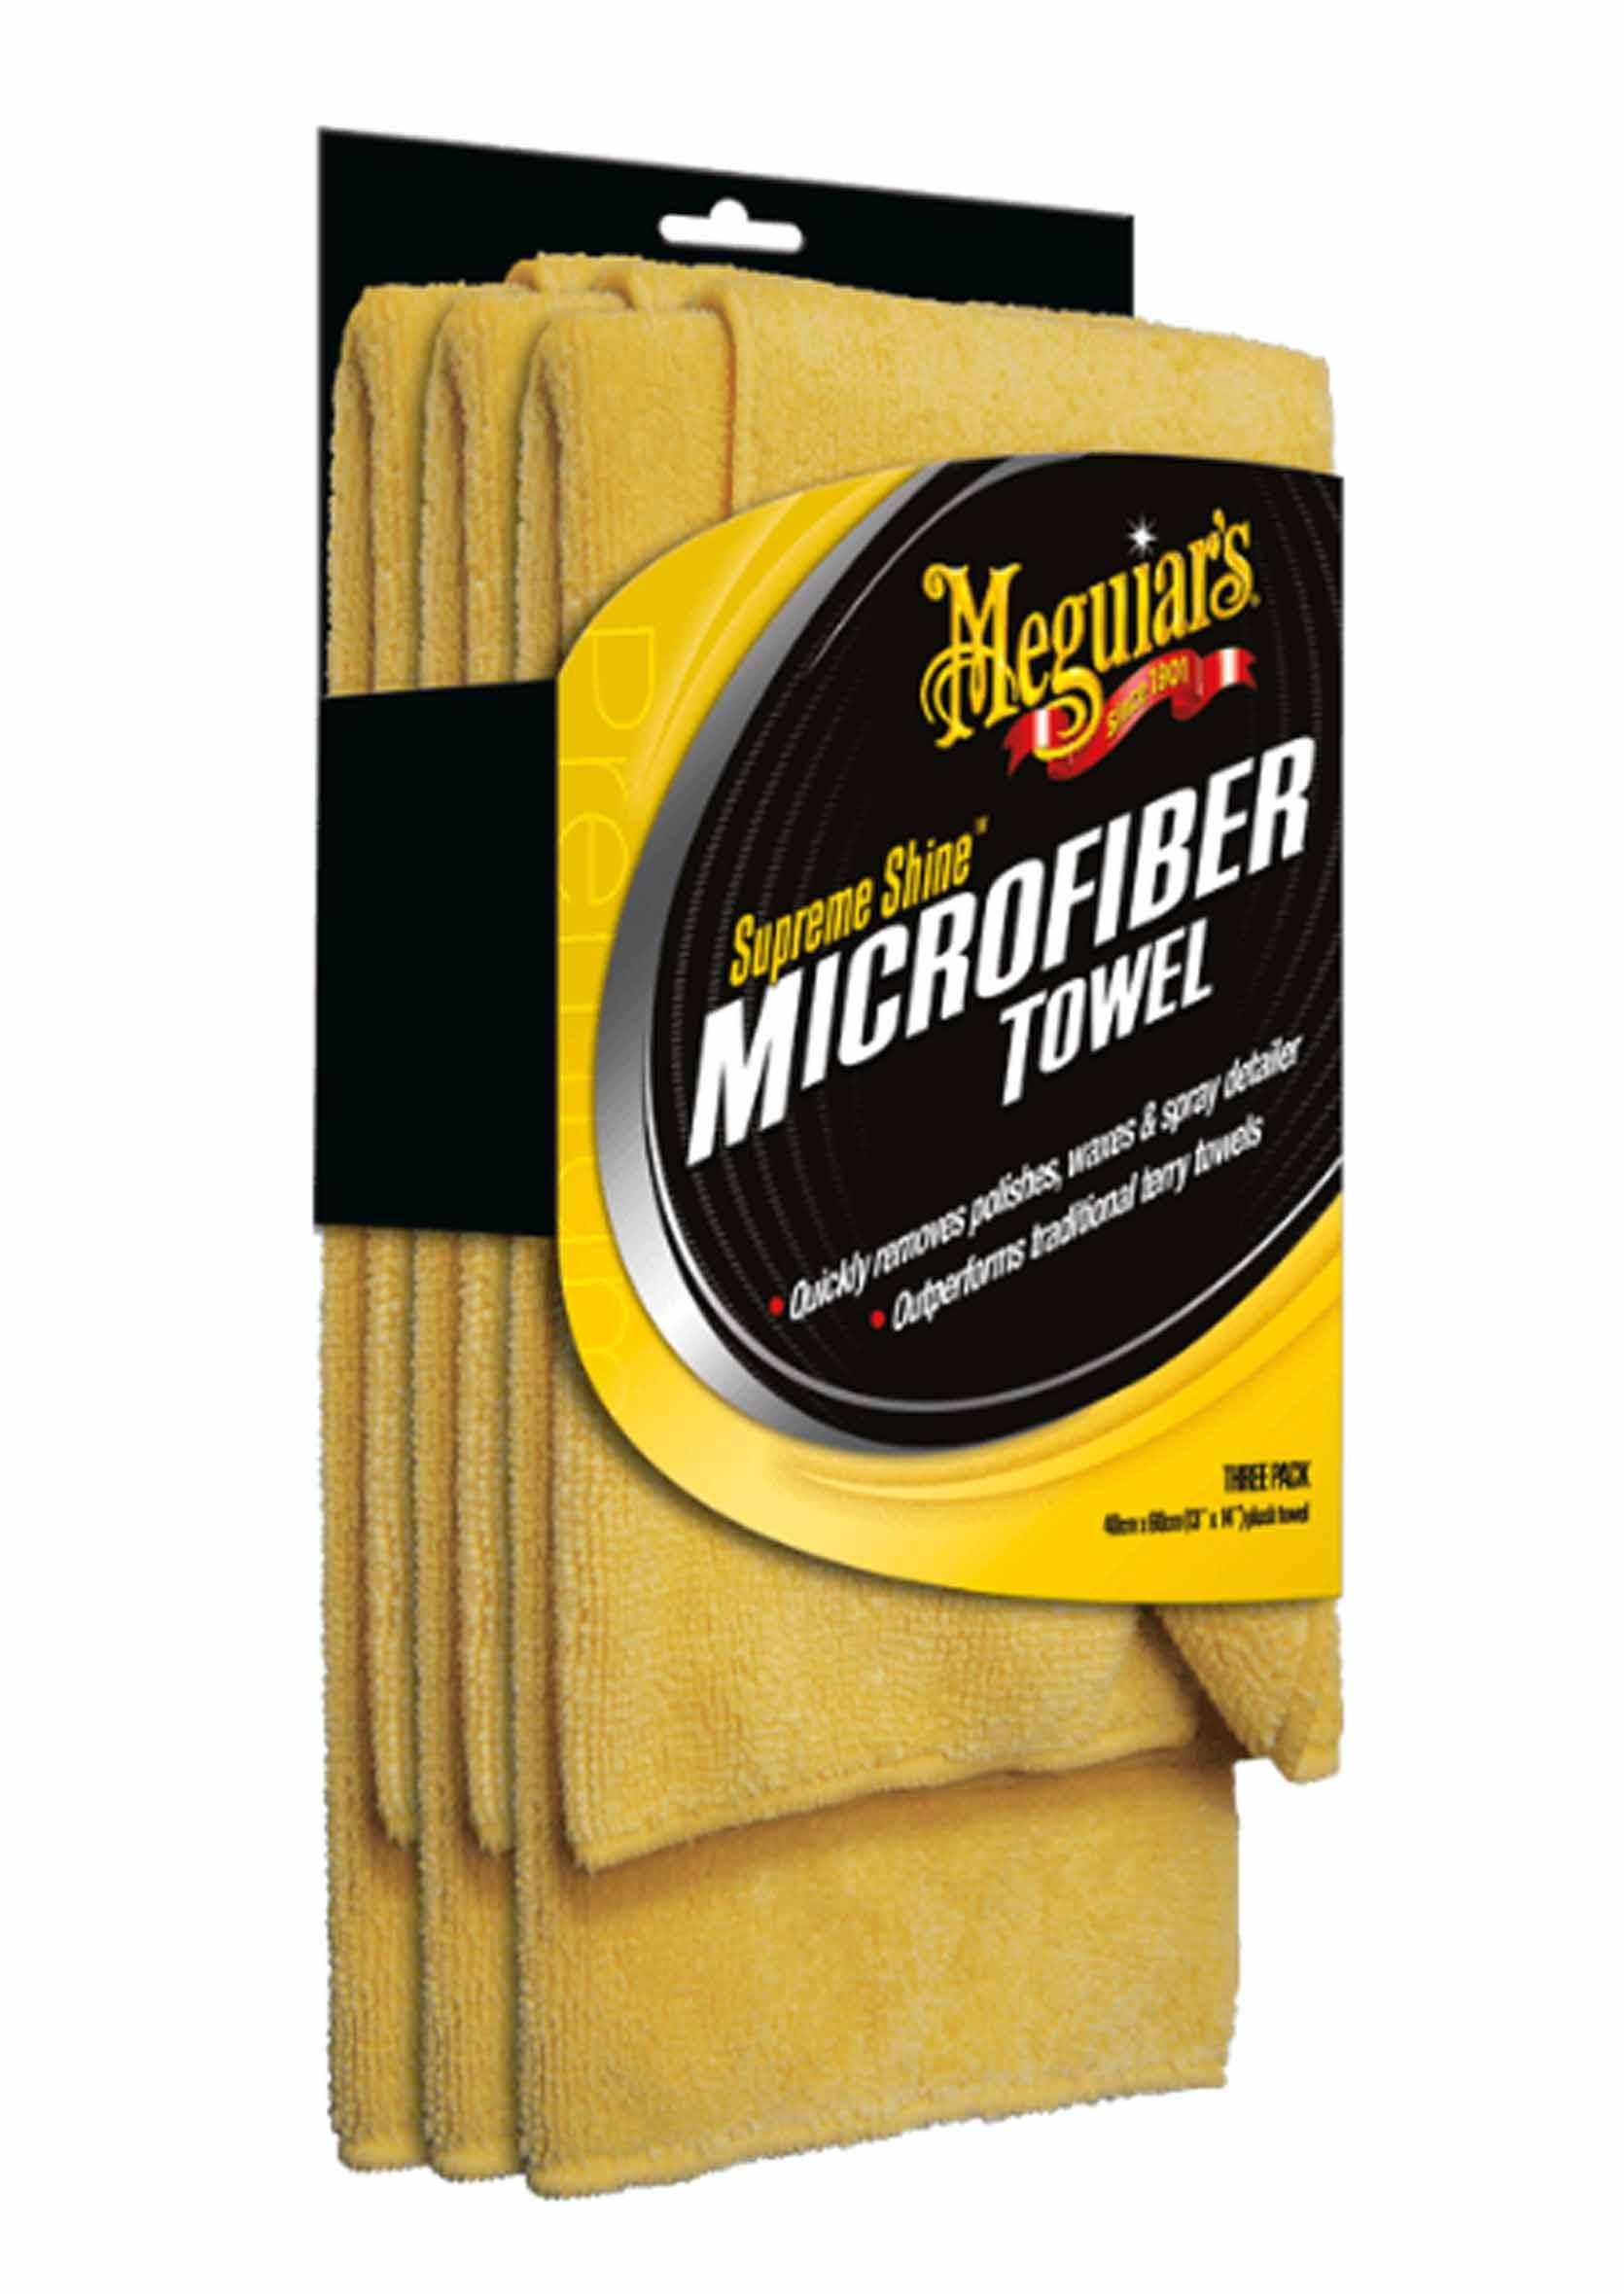 Mikrofibra do Czyszczenia i Polerowania Meguiars Supreme Shine 60x40cm 3 szt.